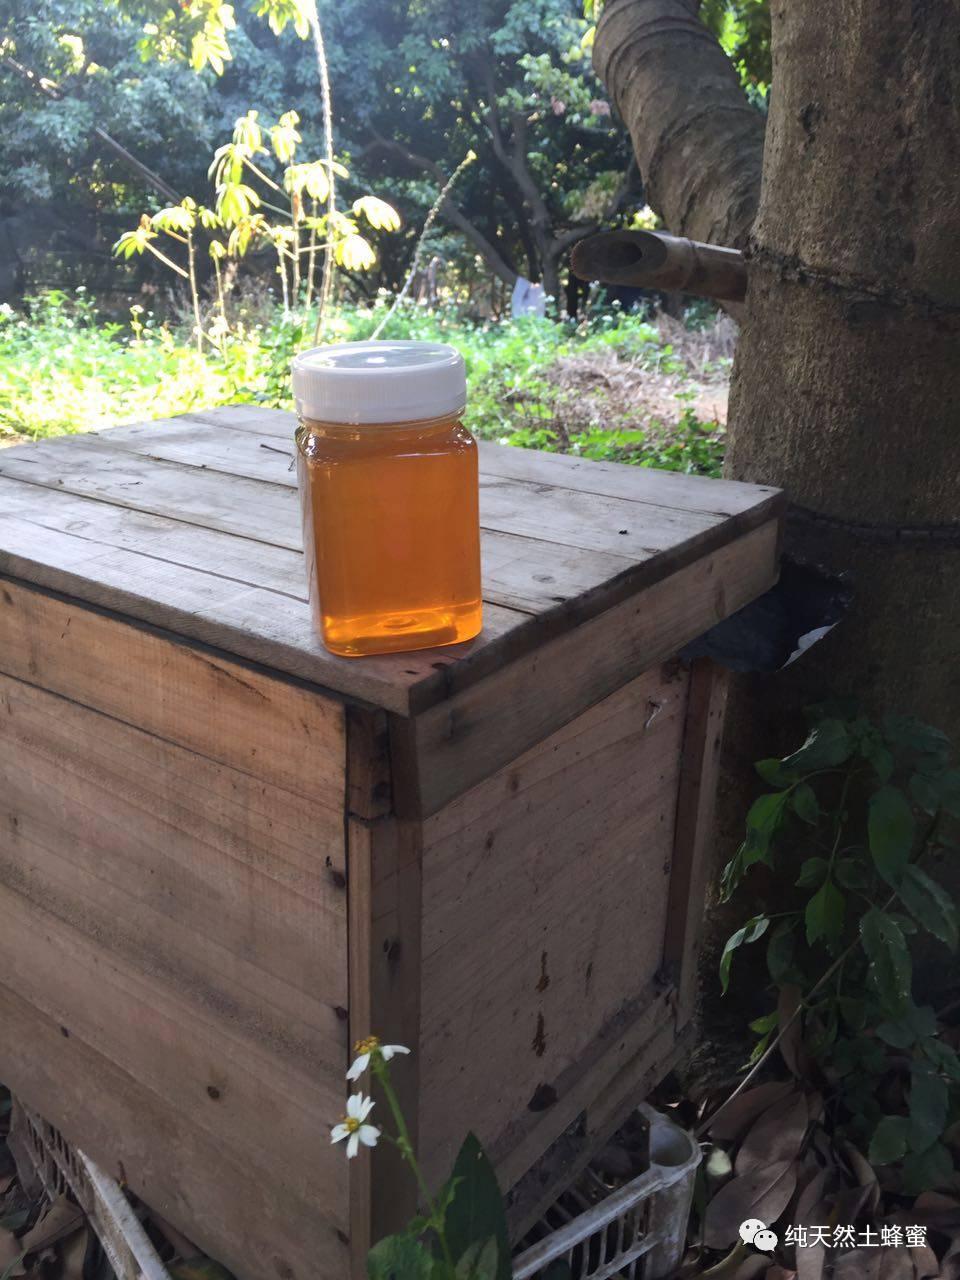 含水量 鸡蛋蜂蜜 蜂毒 蜂蜜的作用 各种蜂蜜